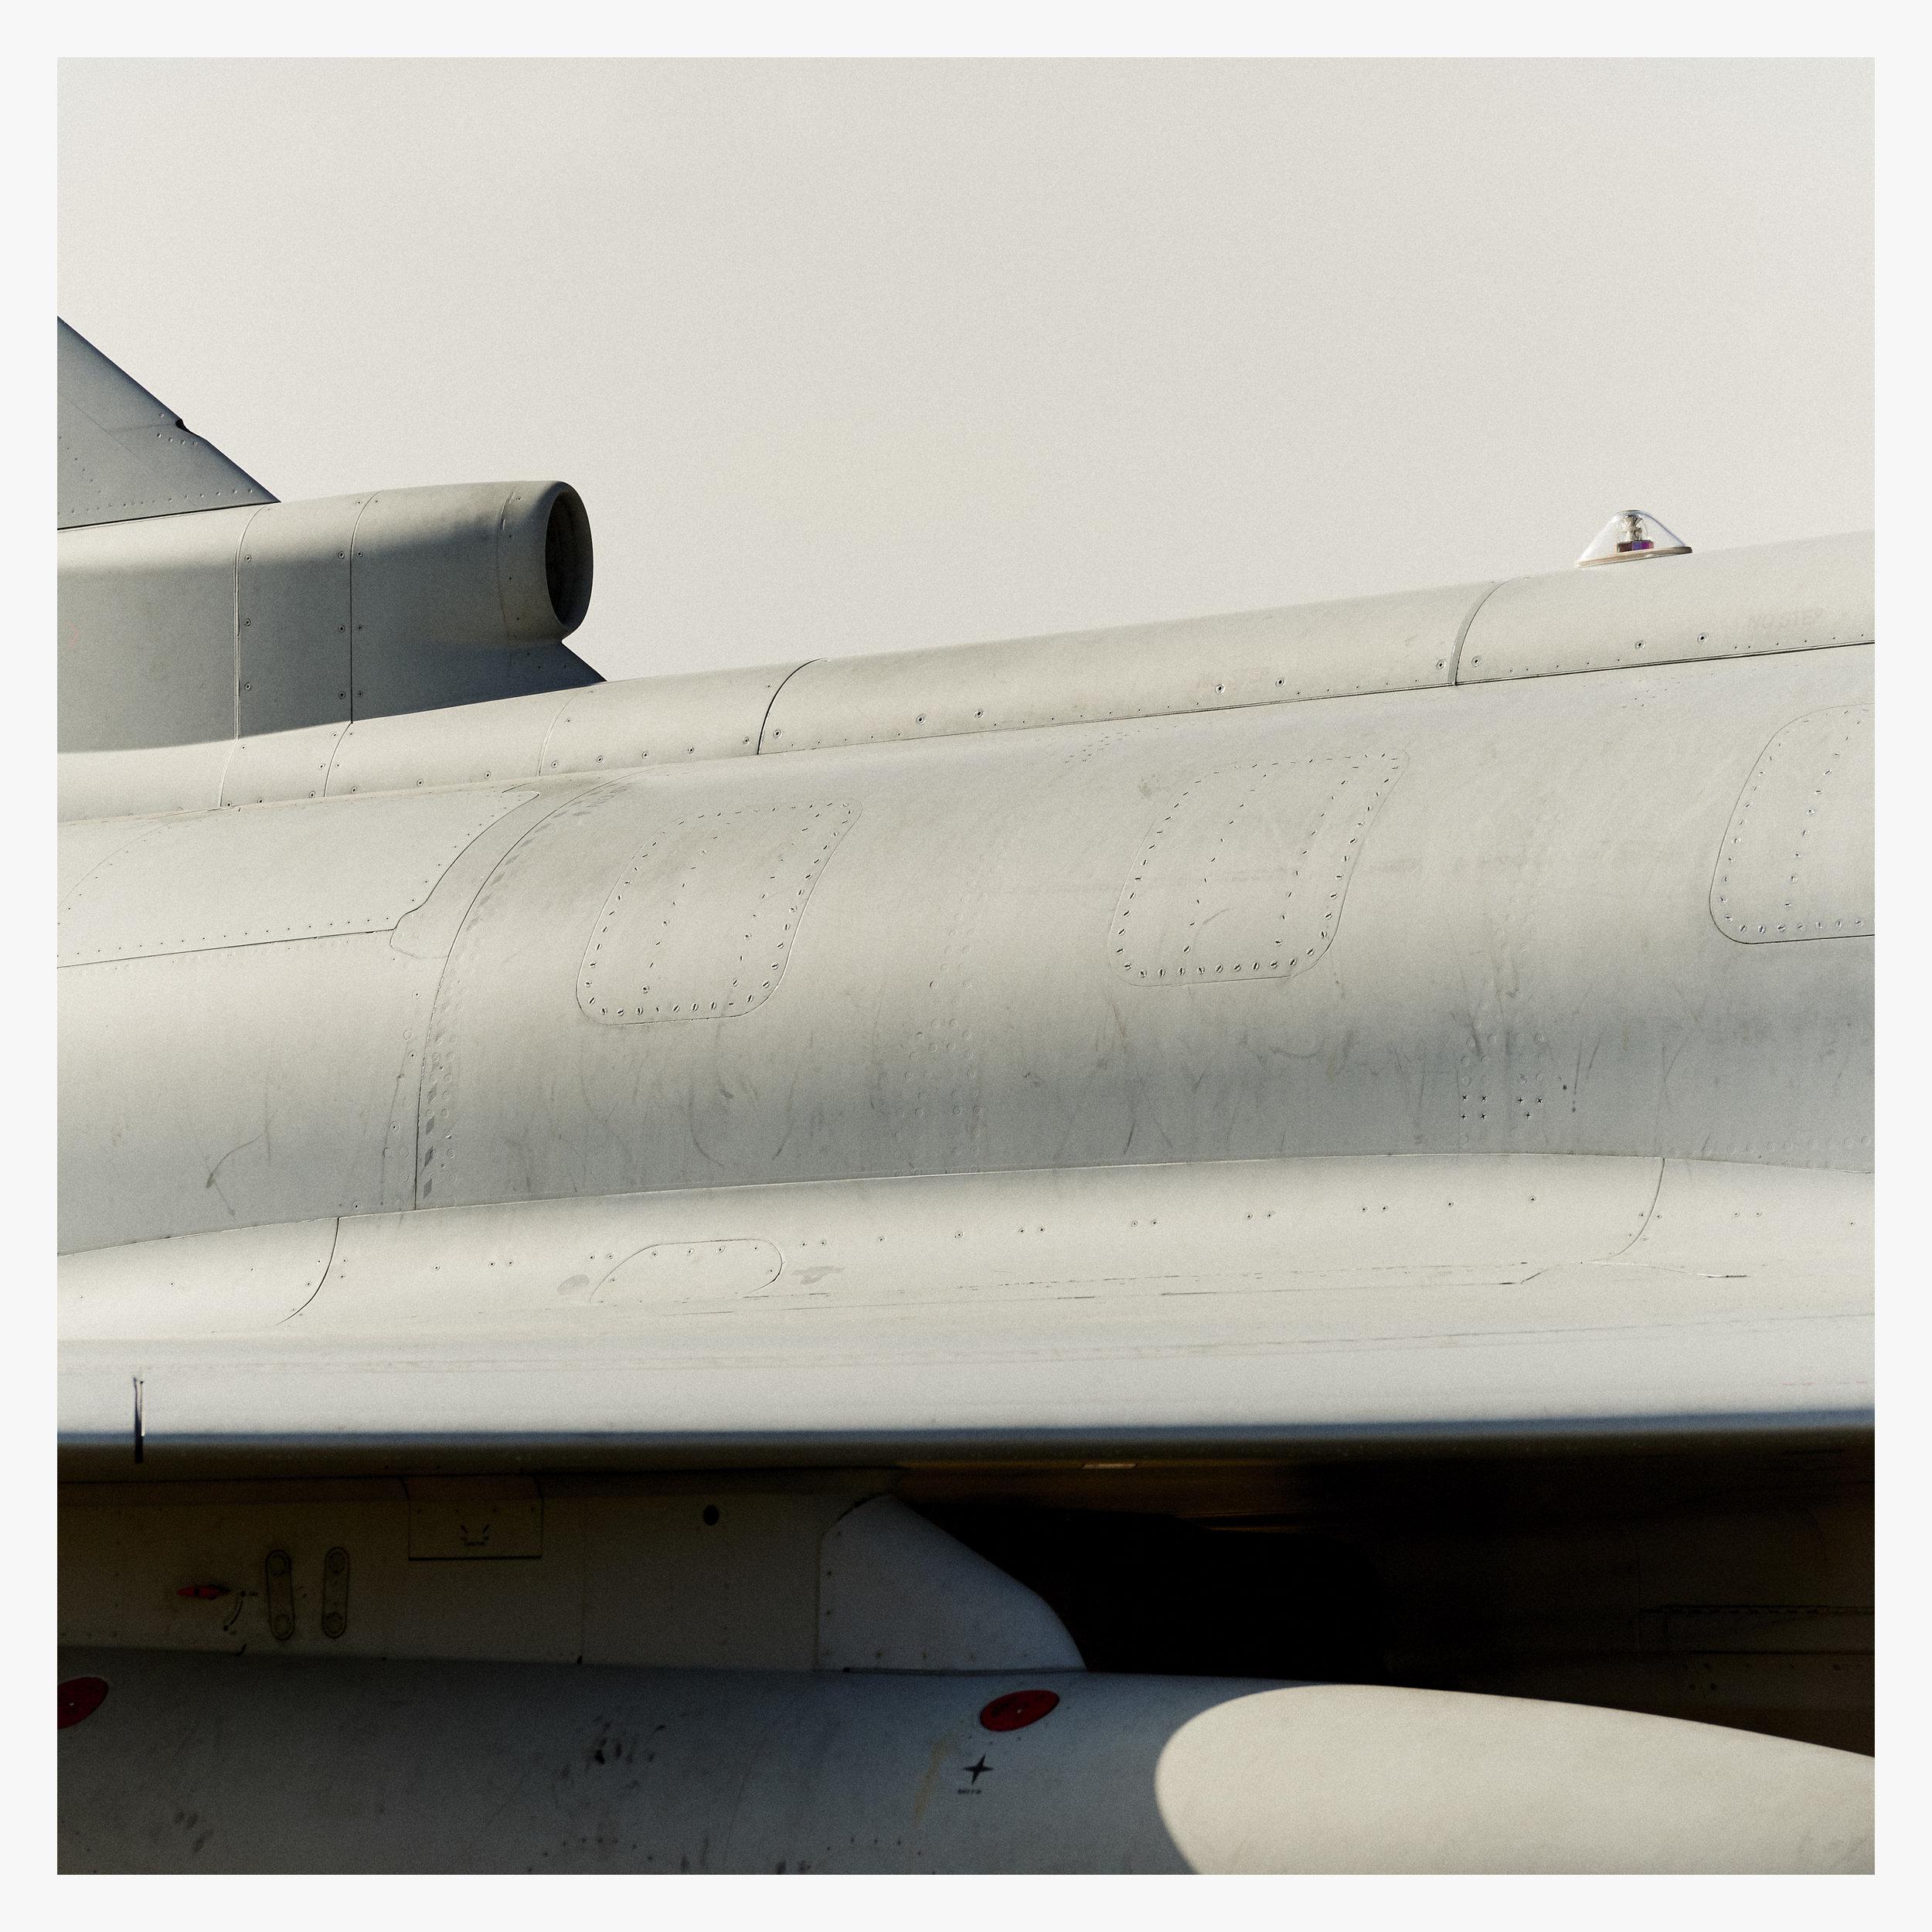 RAF_CONINGSBY__100NC_D5_316 1.jpg